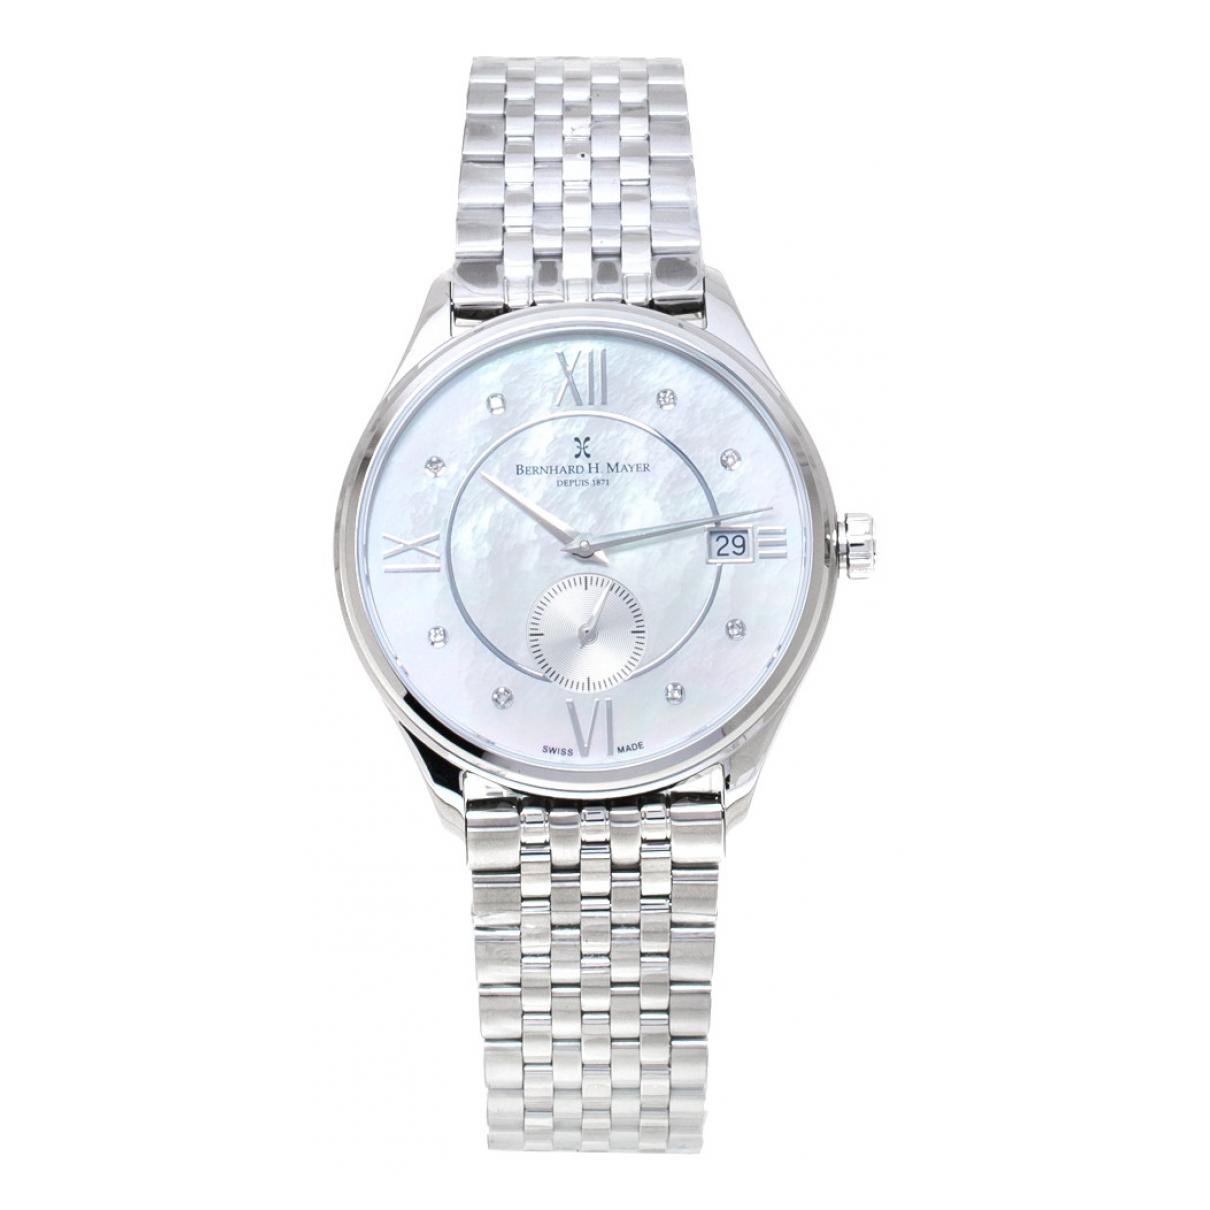 Reloj Bernhard H Mayer